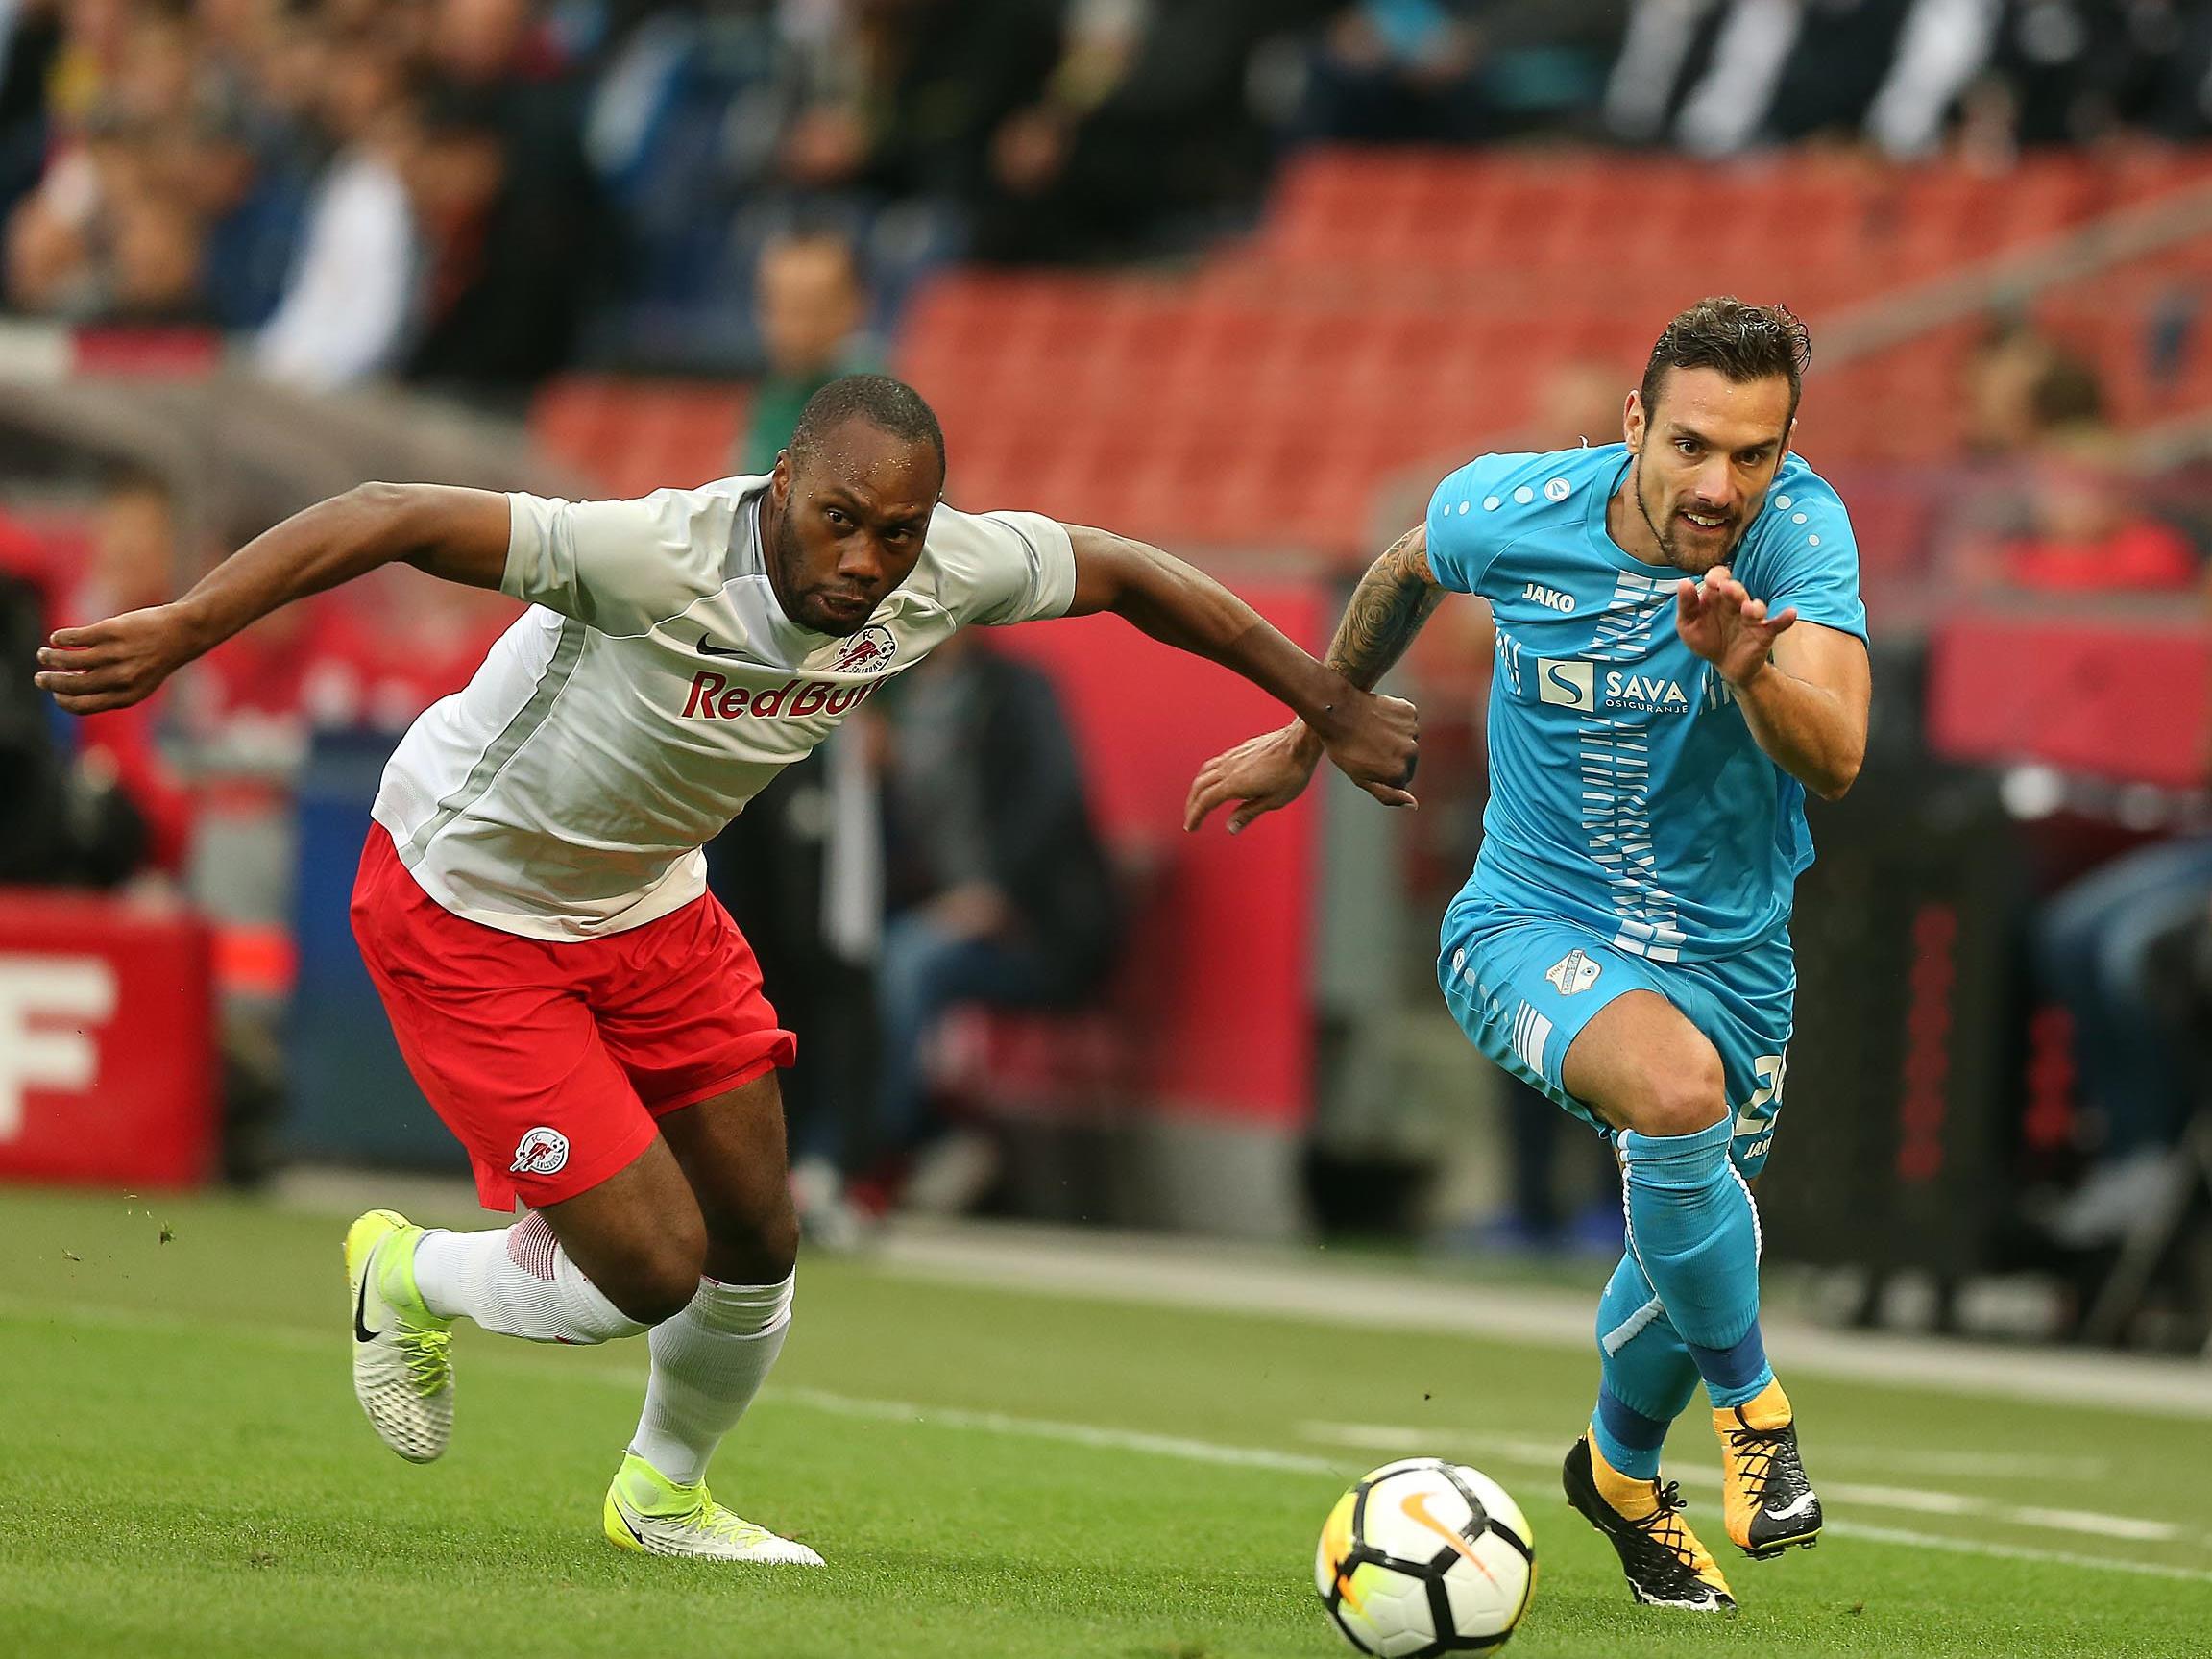 Die Salzburger erzielten gegen Rijeka bloß ein 1:1.